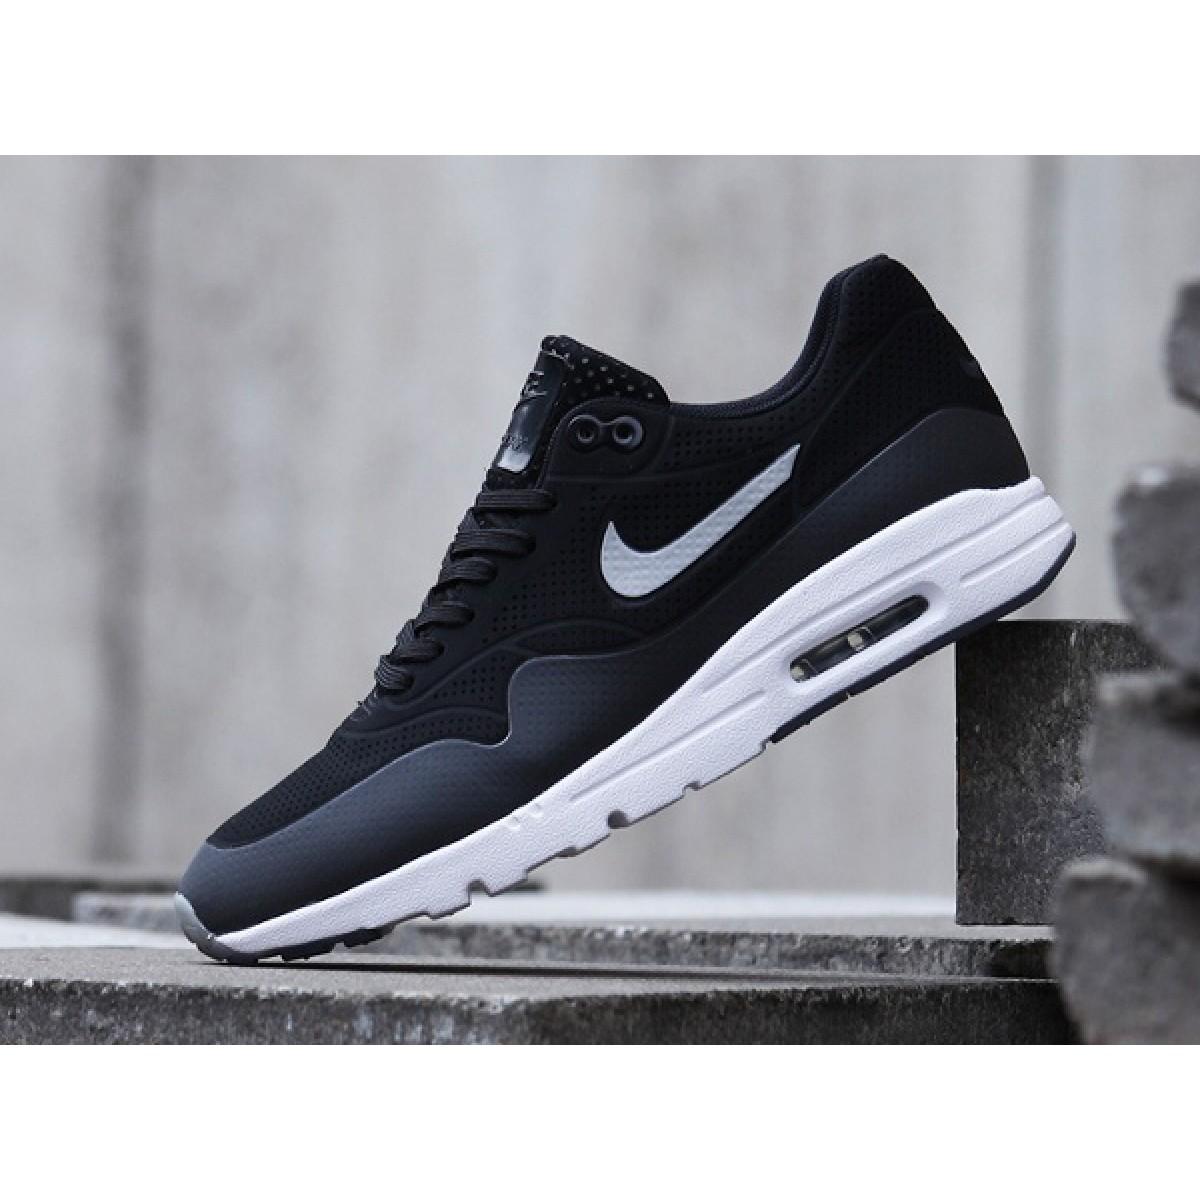 air max one chaussure femme